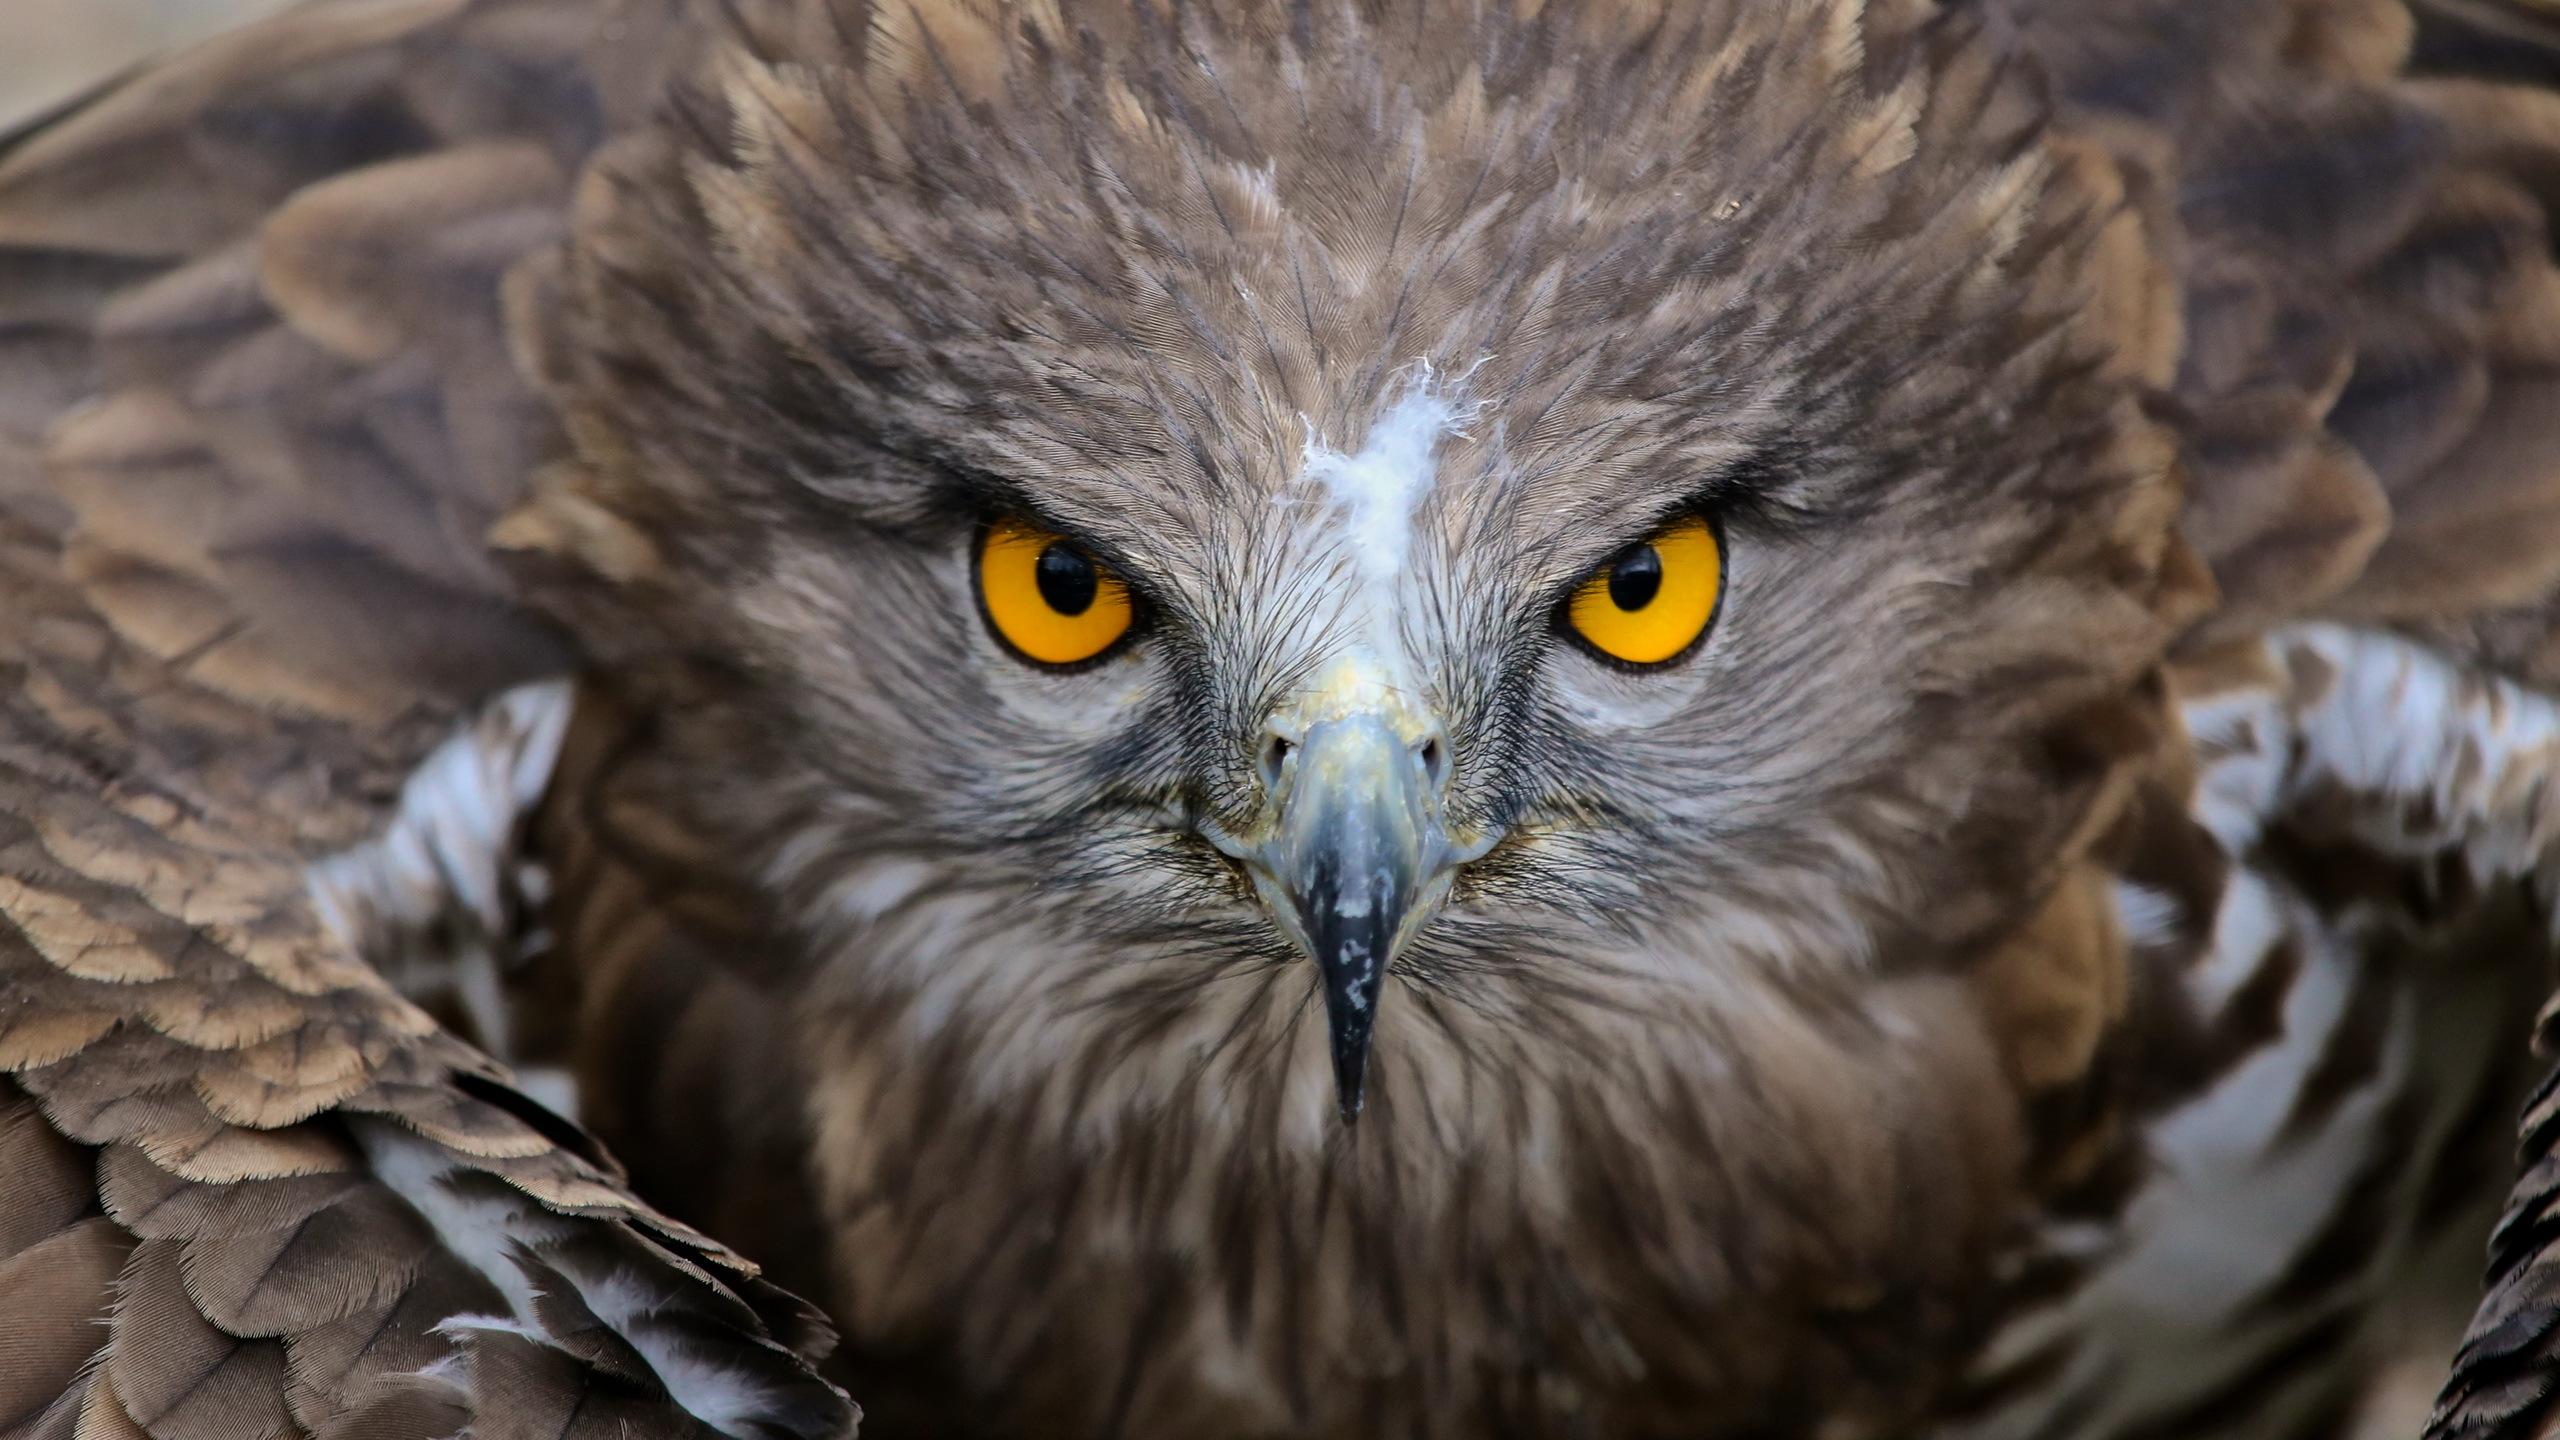 природа животные птица сокол nature animals bird Falcon  № 2993205 бесплатно